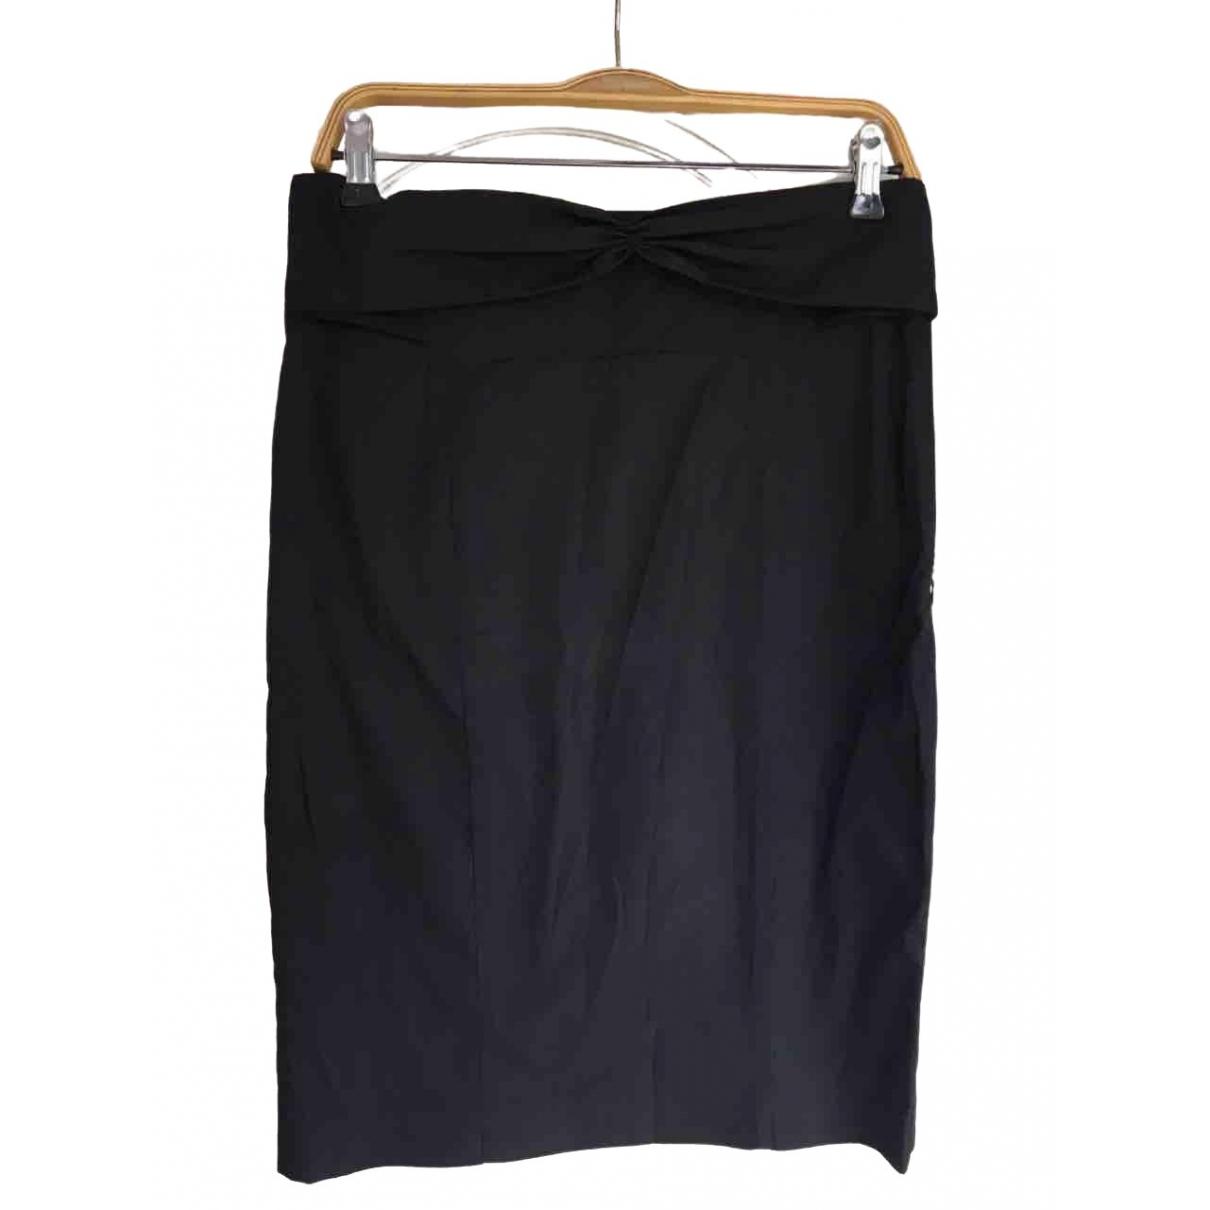 Hoss Intropia \N Black skirt for Women 42 FR